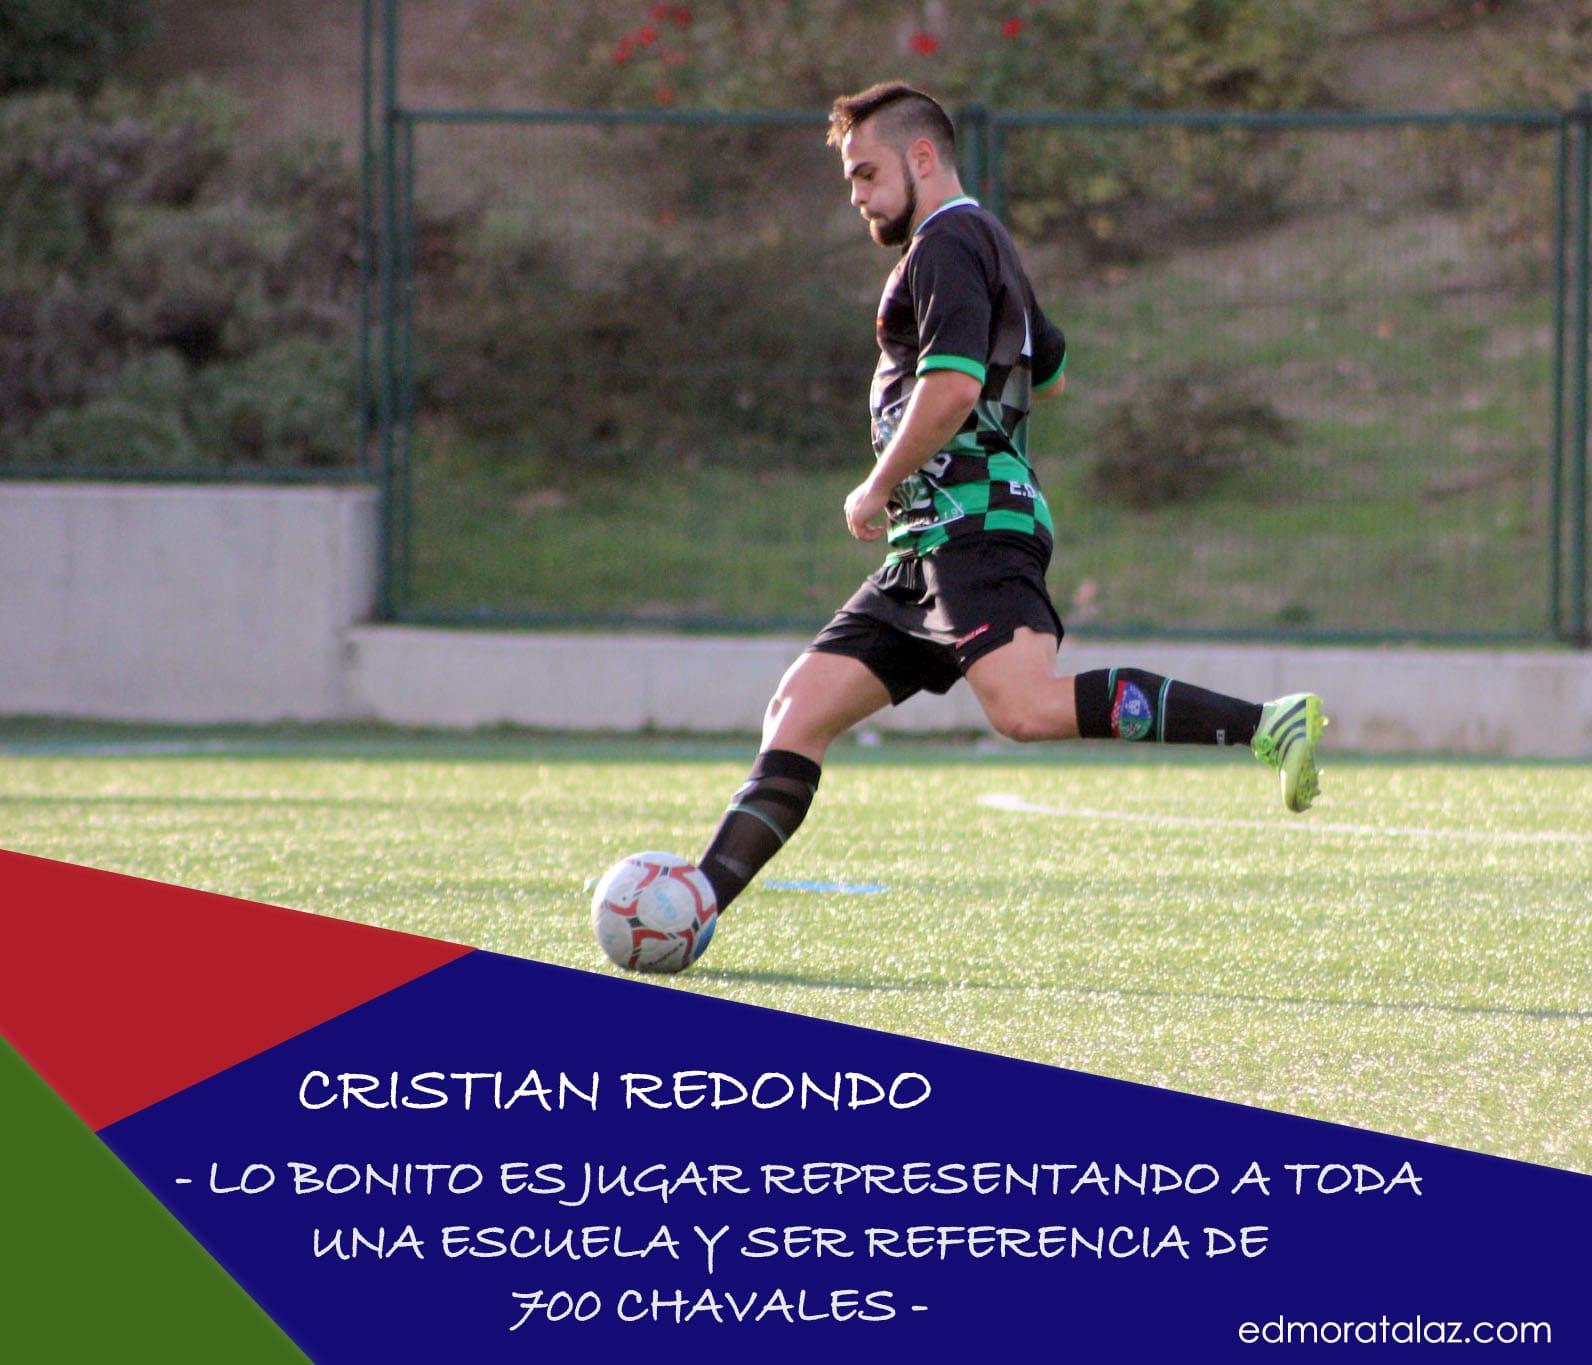 Cristian Redondo: «Lo bonito es jugar representando a toda una Escuela y ser referencia de 700 chavales»